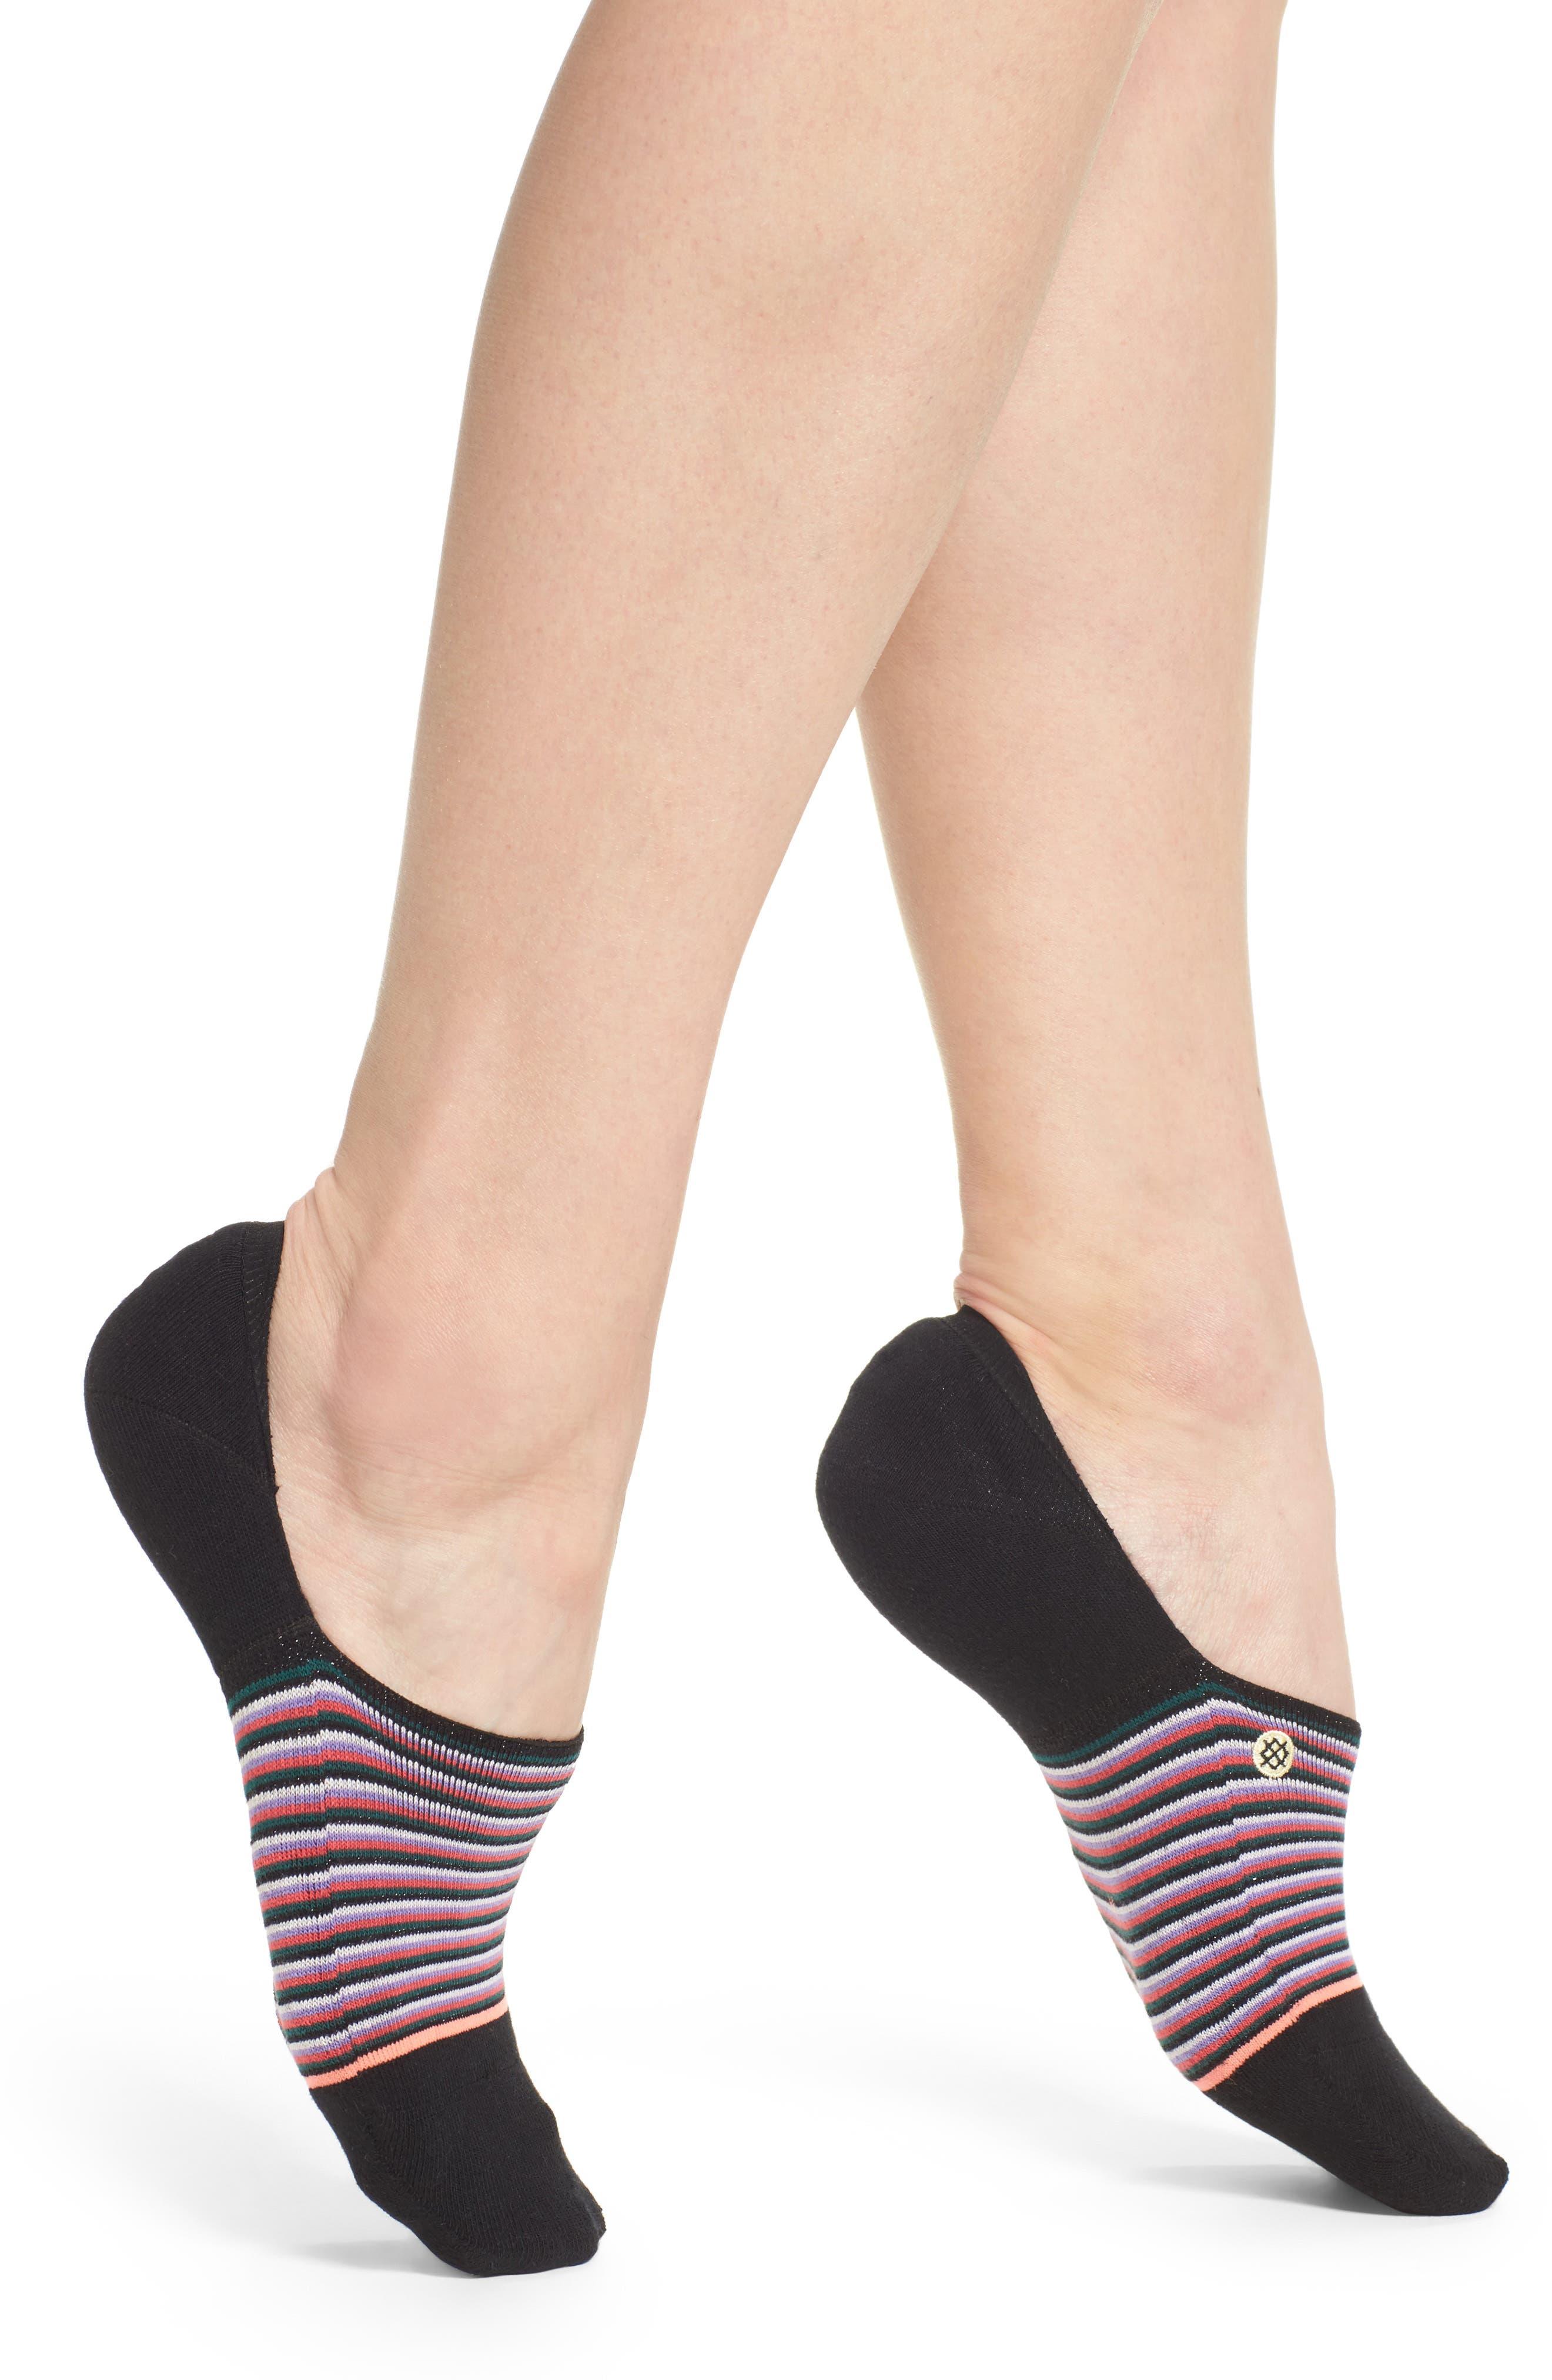 Summerland No-Show Socks,                             Main thumbnail 1, color,                             Black